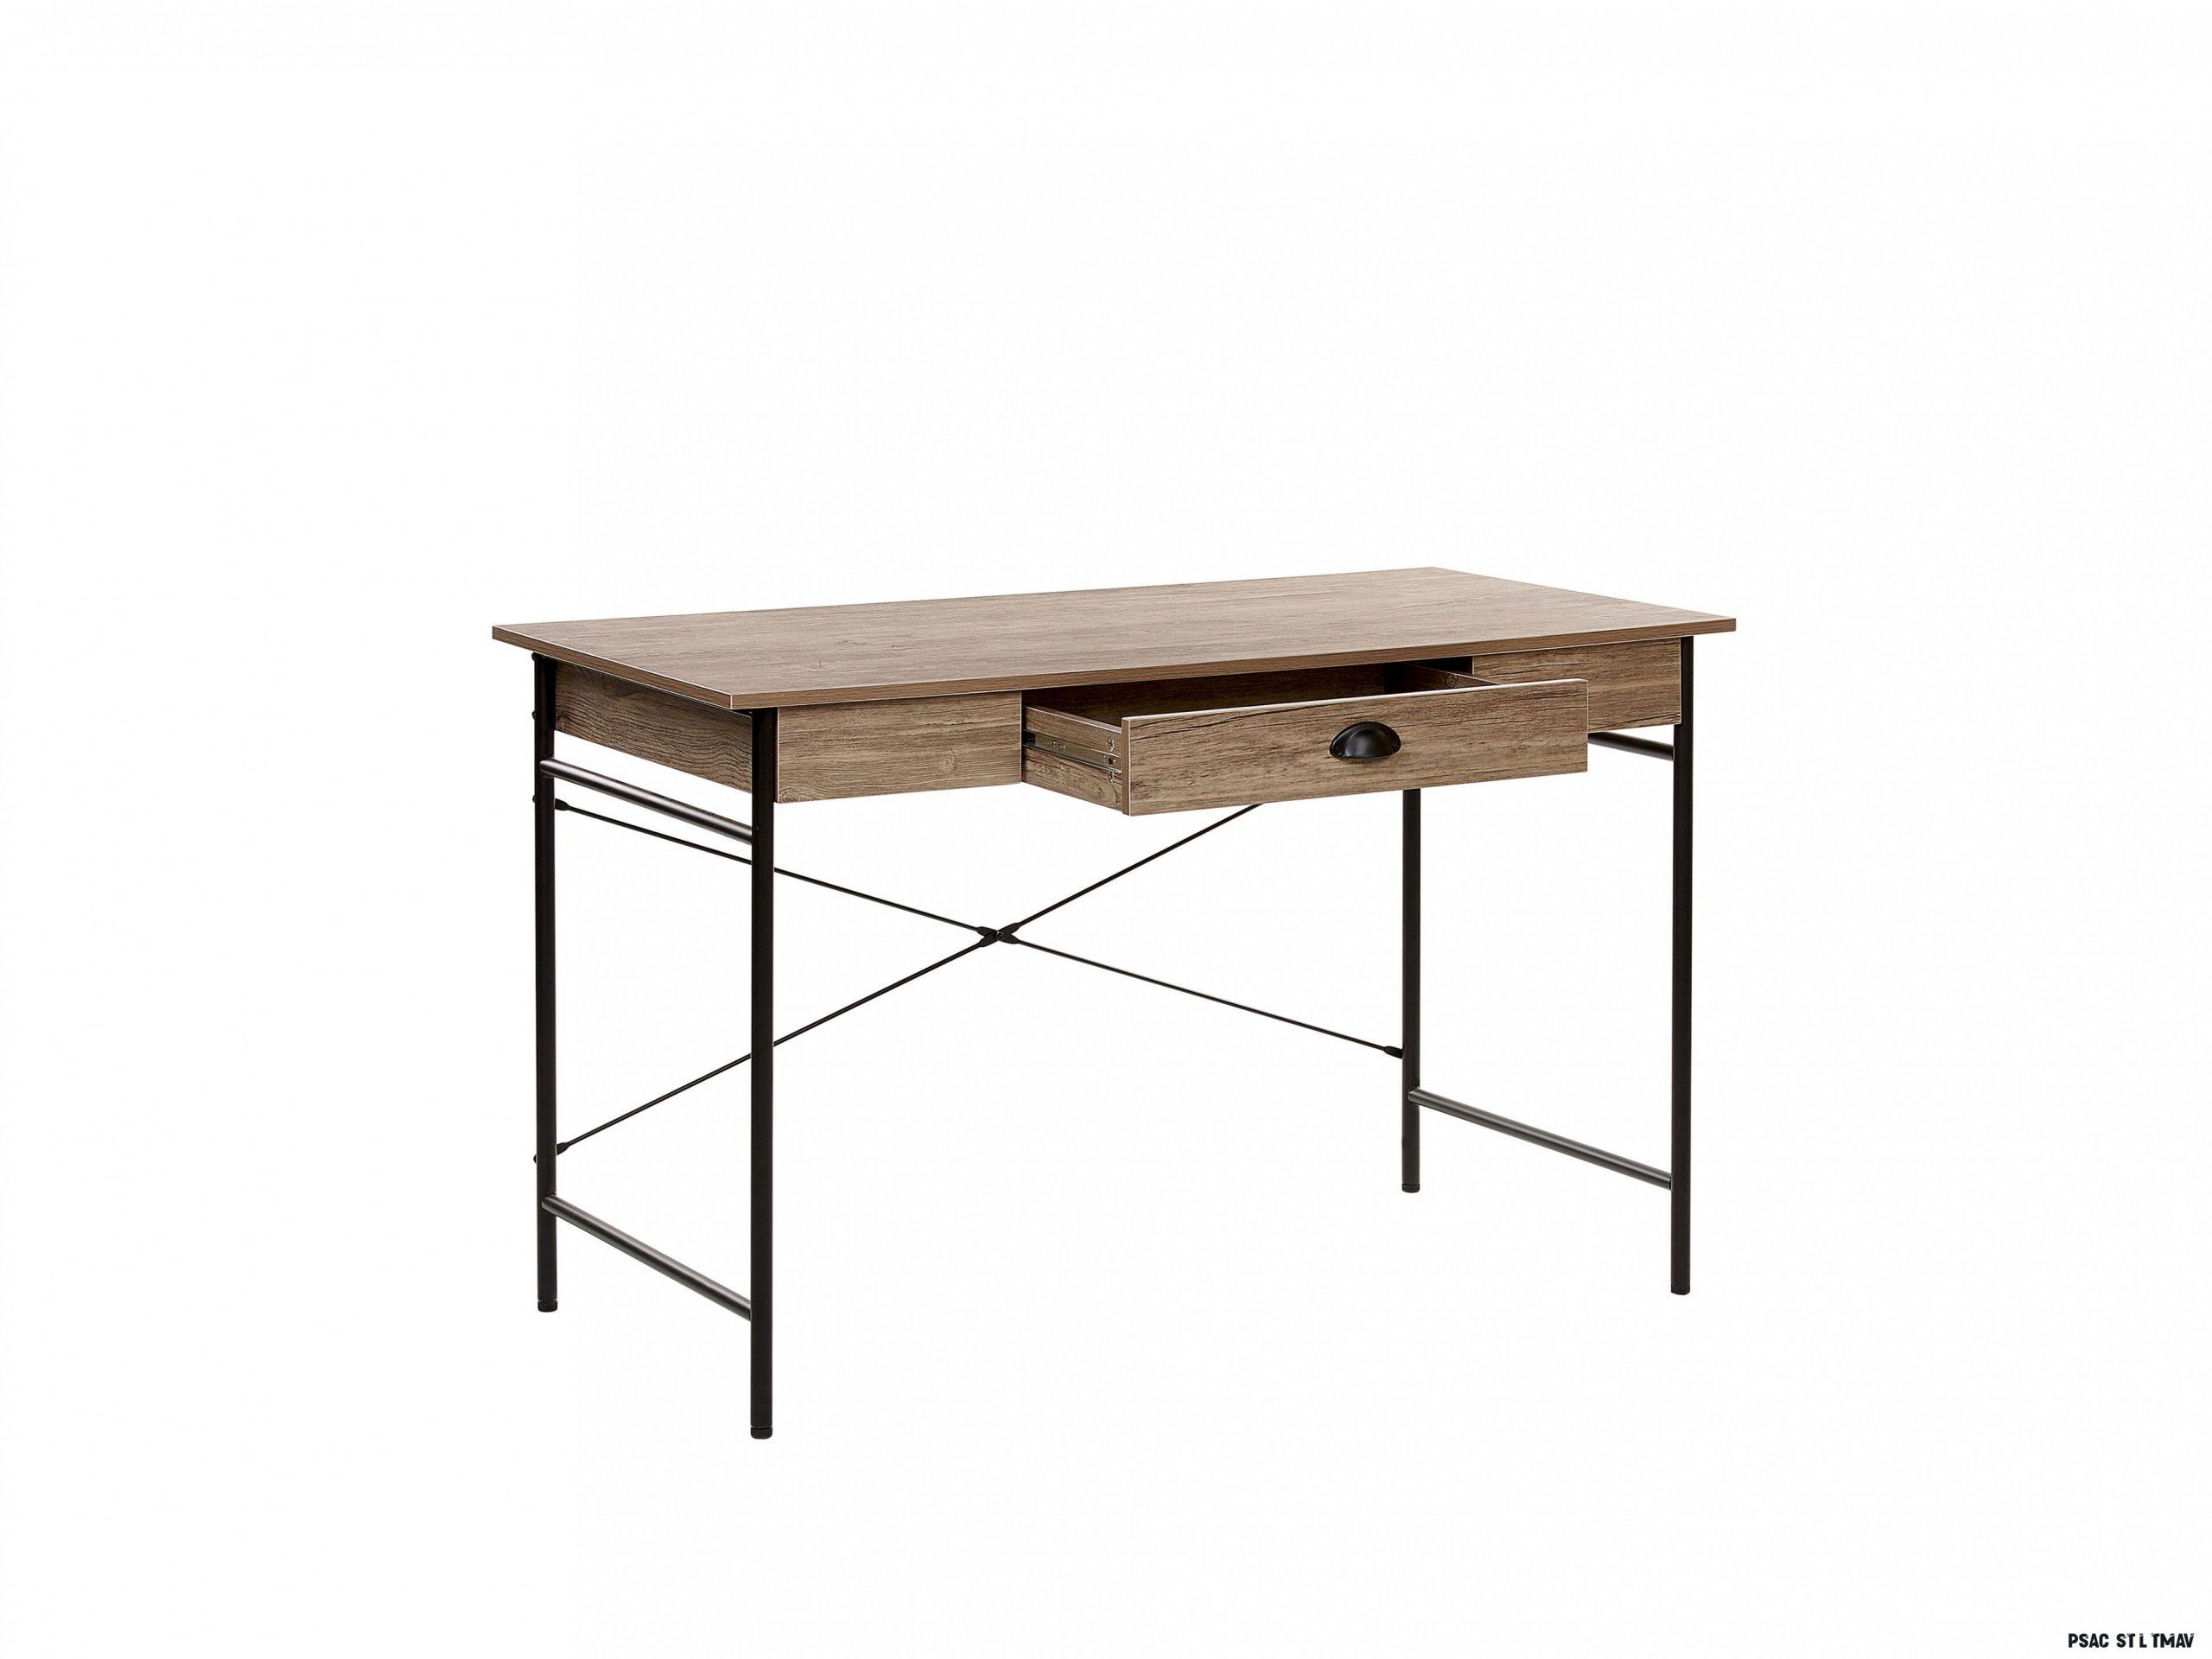 Psací stůl COSTO (7 x 7 cm) (MDF) (tmavé dřevo)  HezkýNábytek.cz